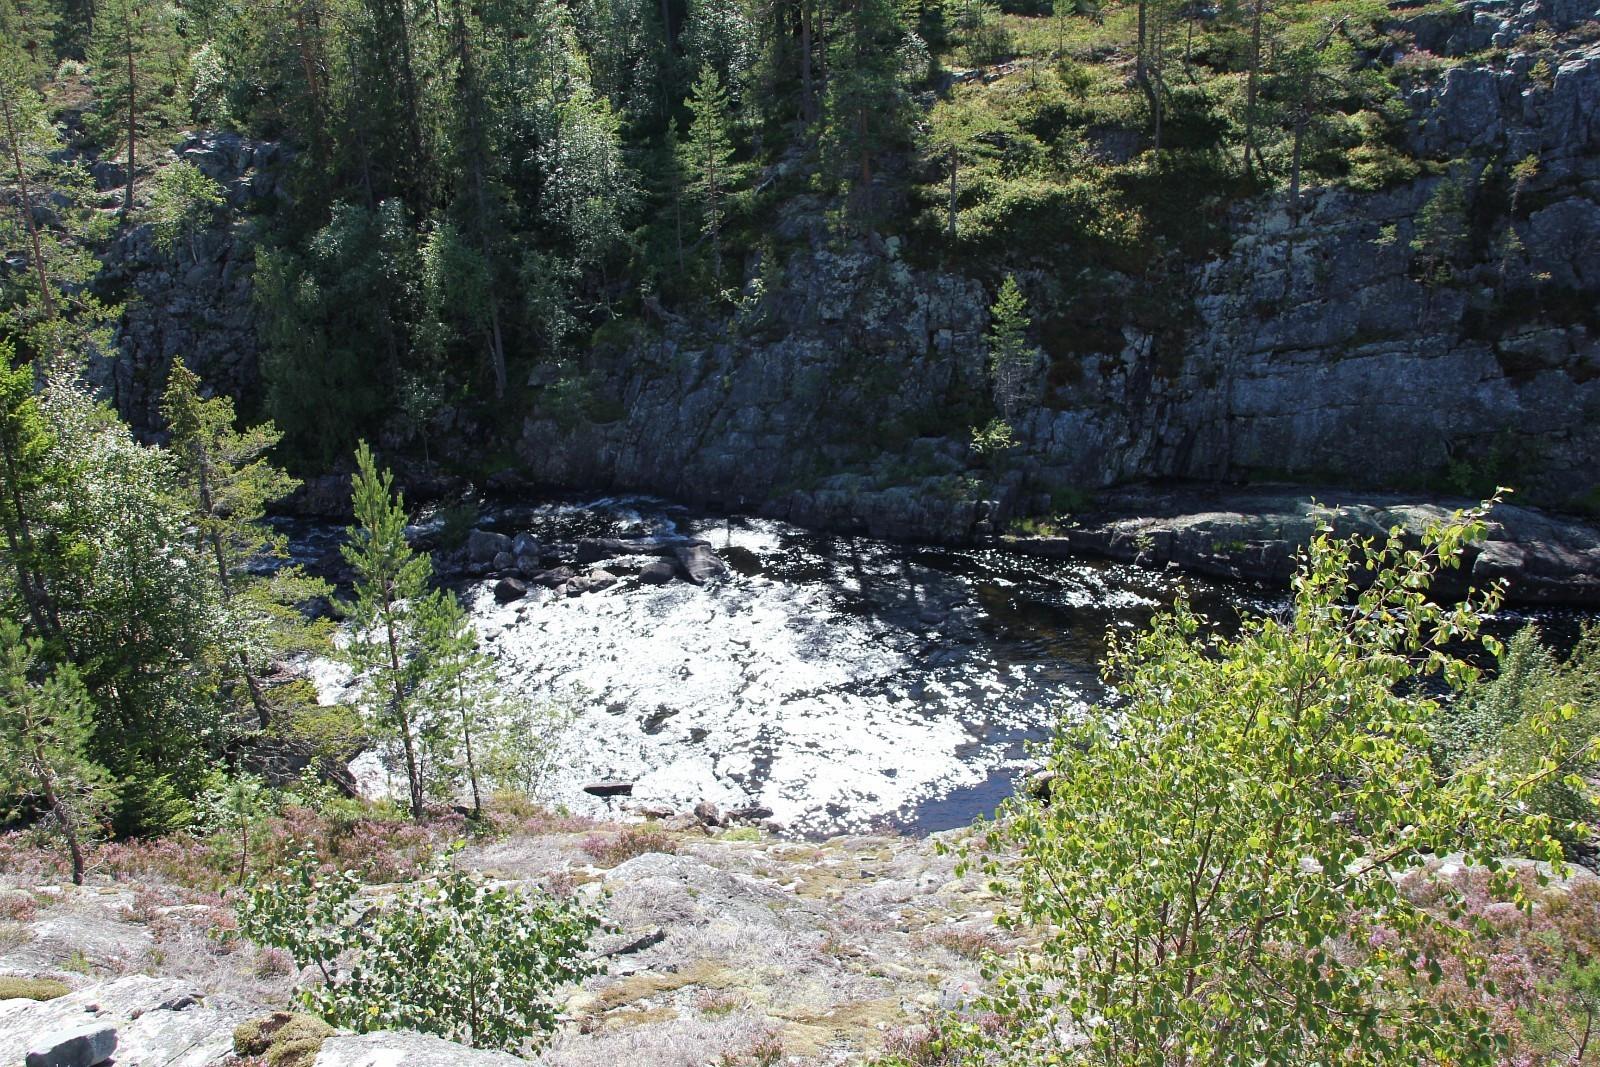 Flott elv på nedsiden av tomte området.